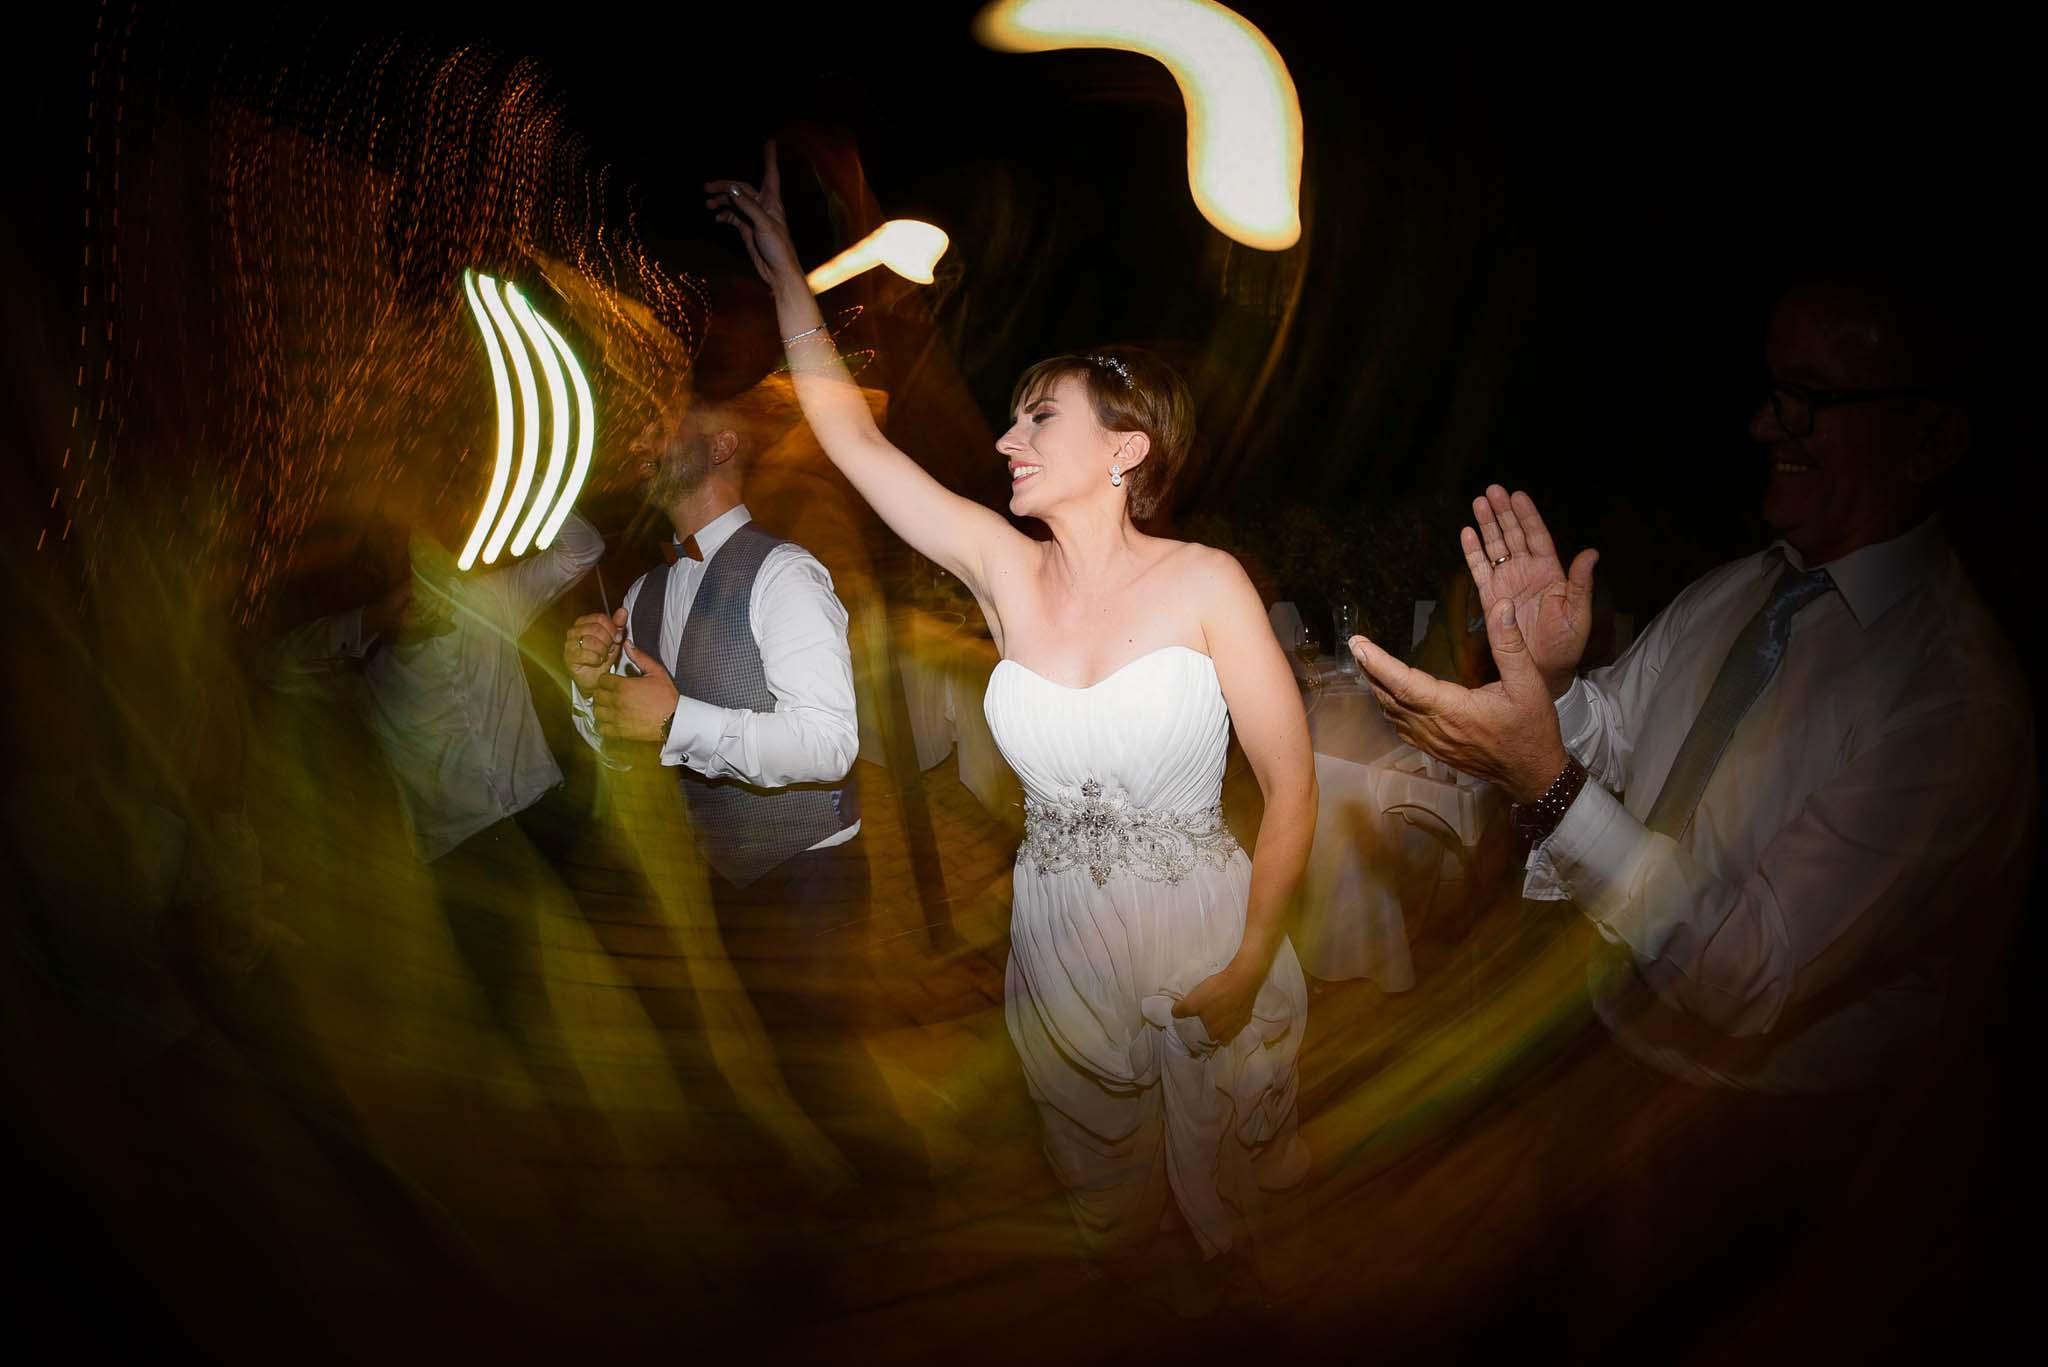 γάμος με 100 άτομα - φωτογράφηση γάμου